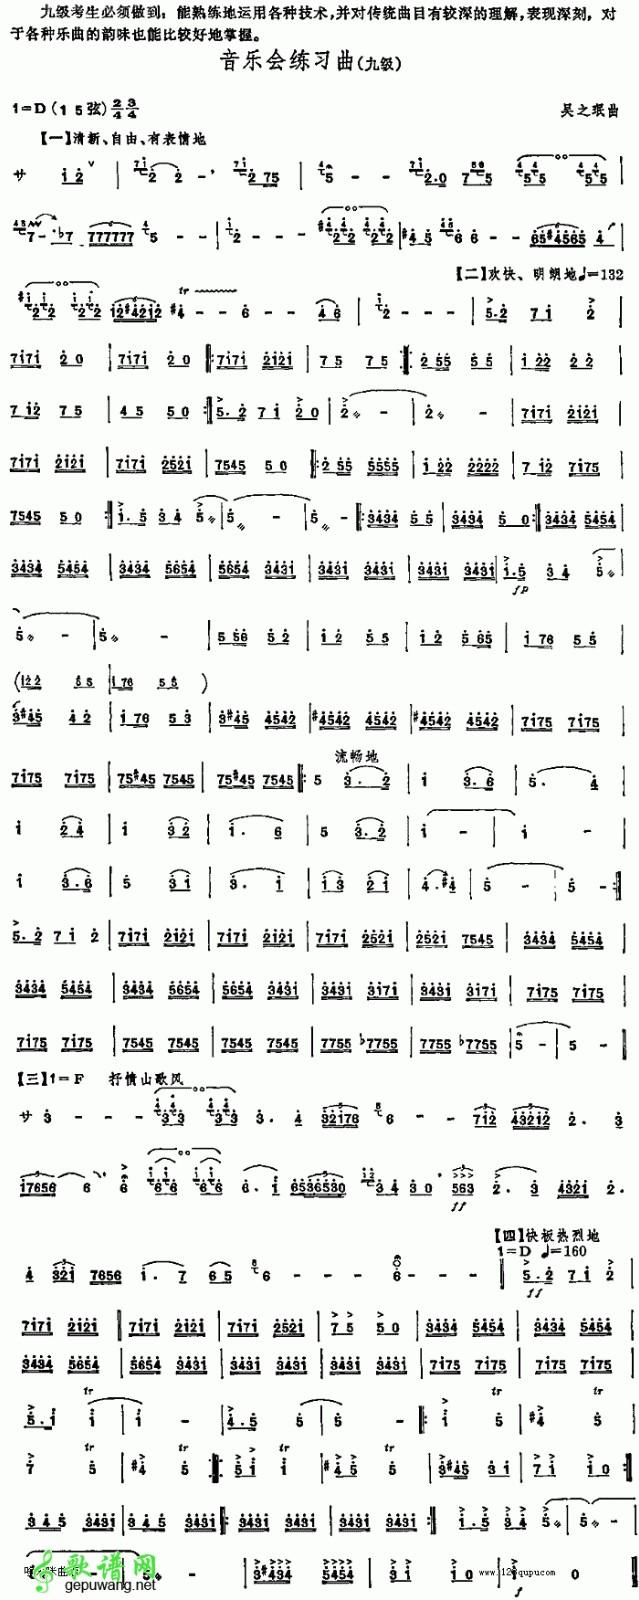 二胡十级音乐会练习曲谱子 急求